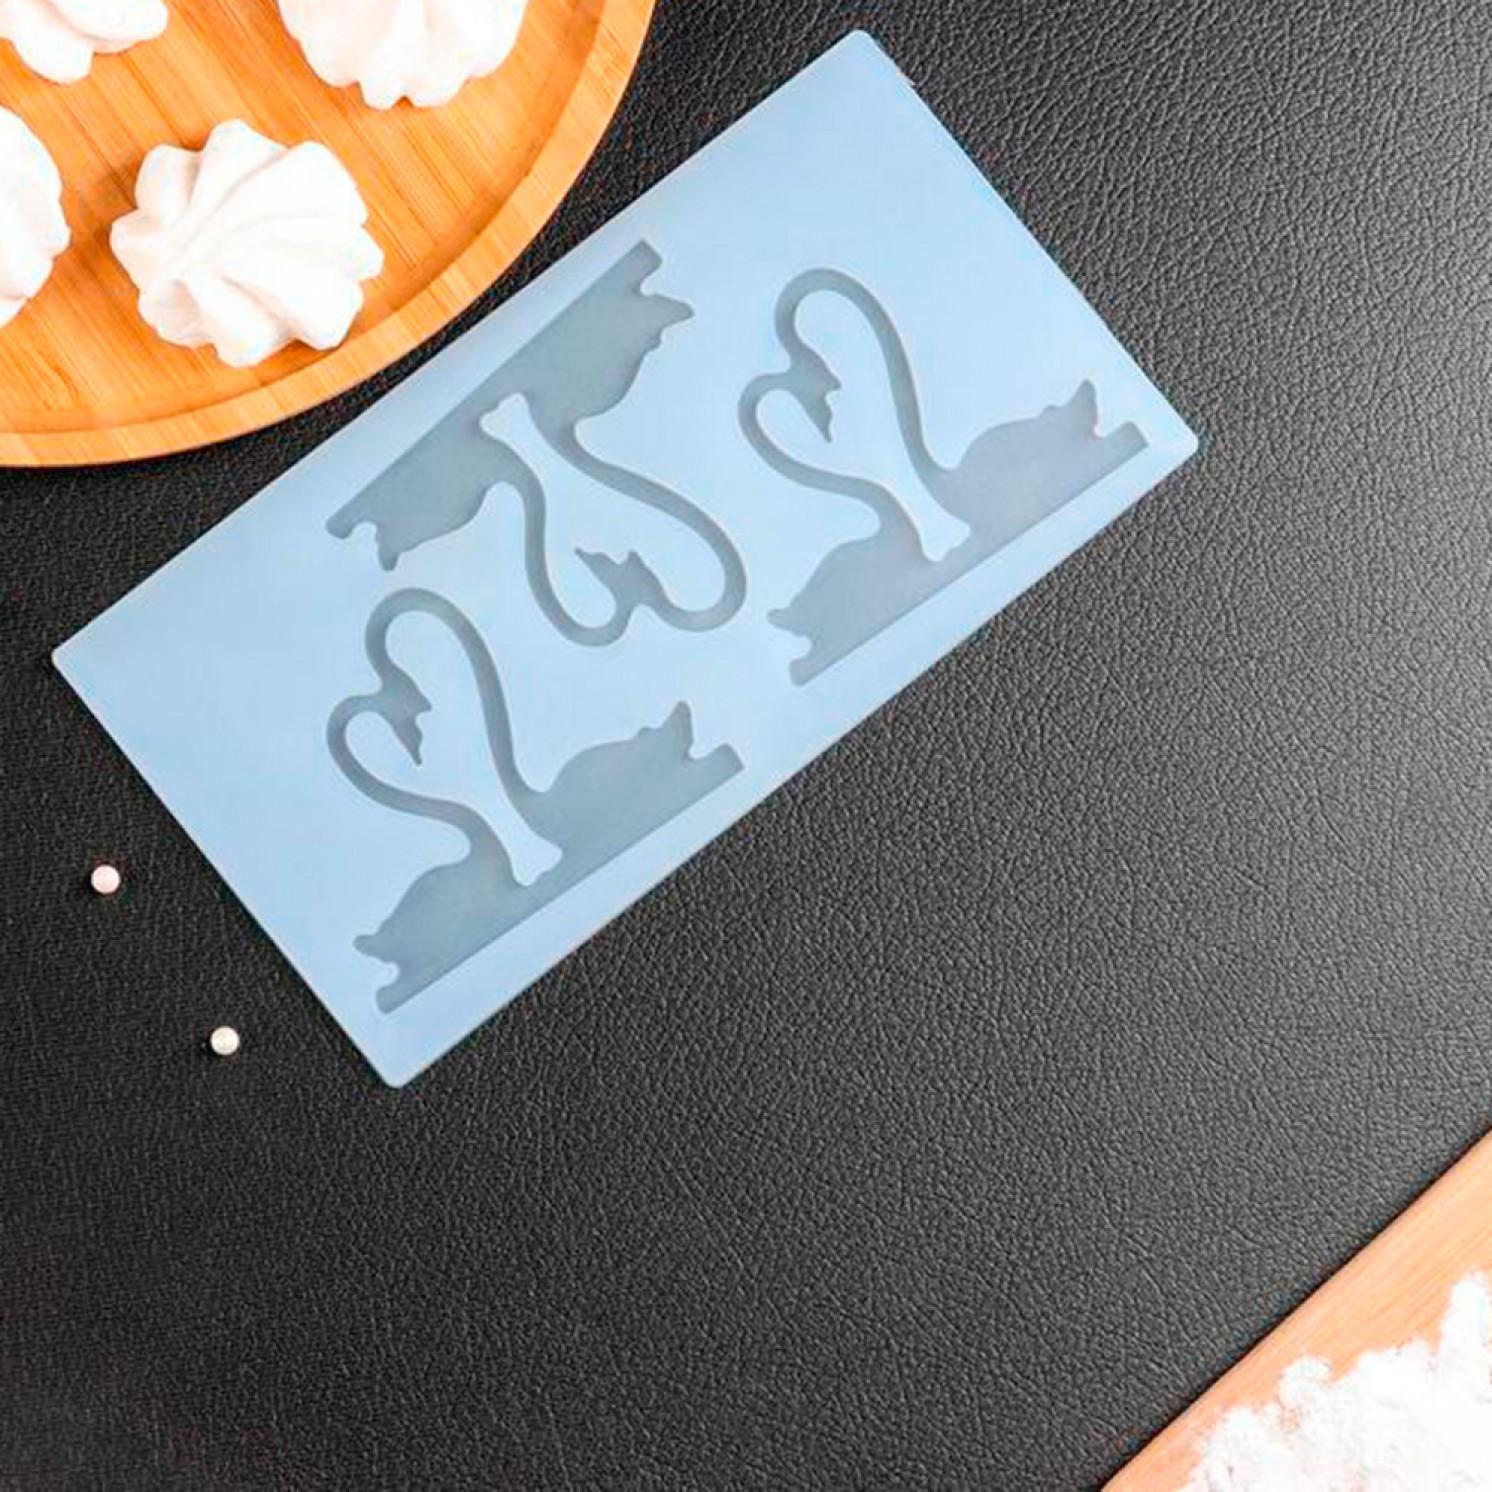 Коврик для айсинга «Пара лебедей», 3 ячейки, 20×10,5×0,3 см, цвет прозрачный